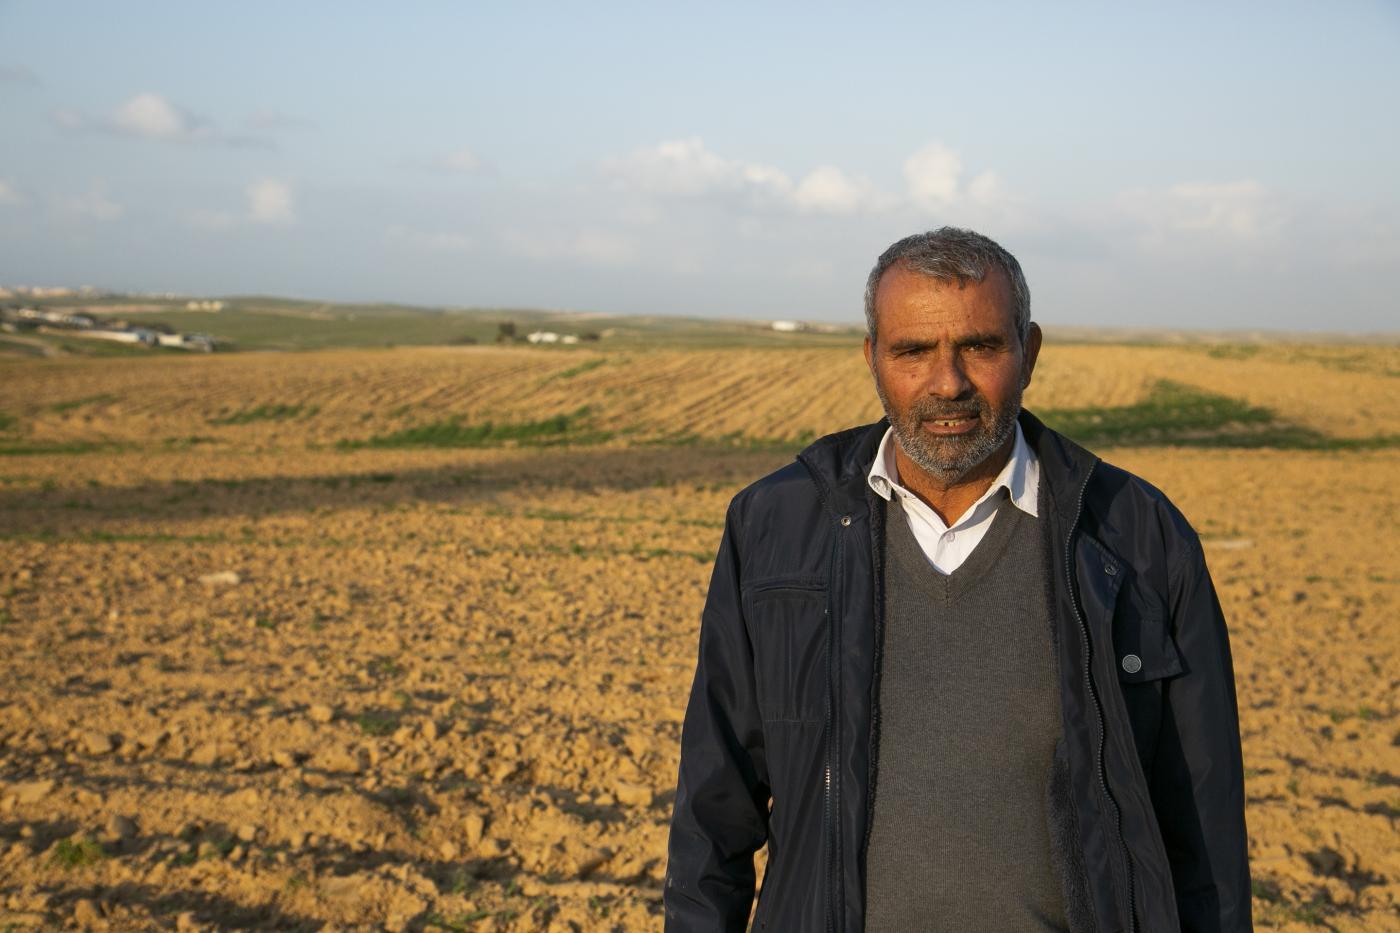 Coronavirus: As Israel Shuts Down, Authorities Destroy Bedouin Crops